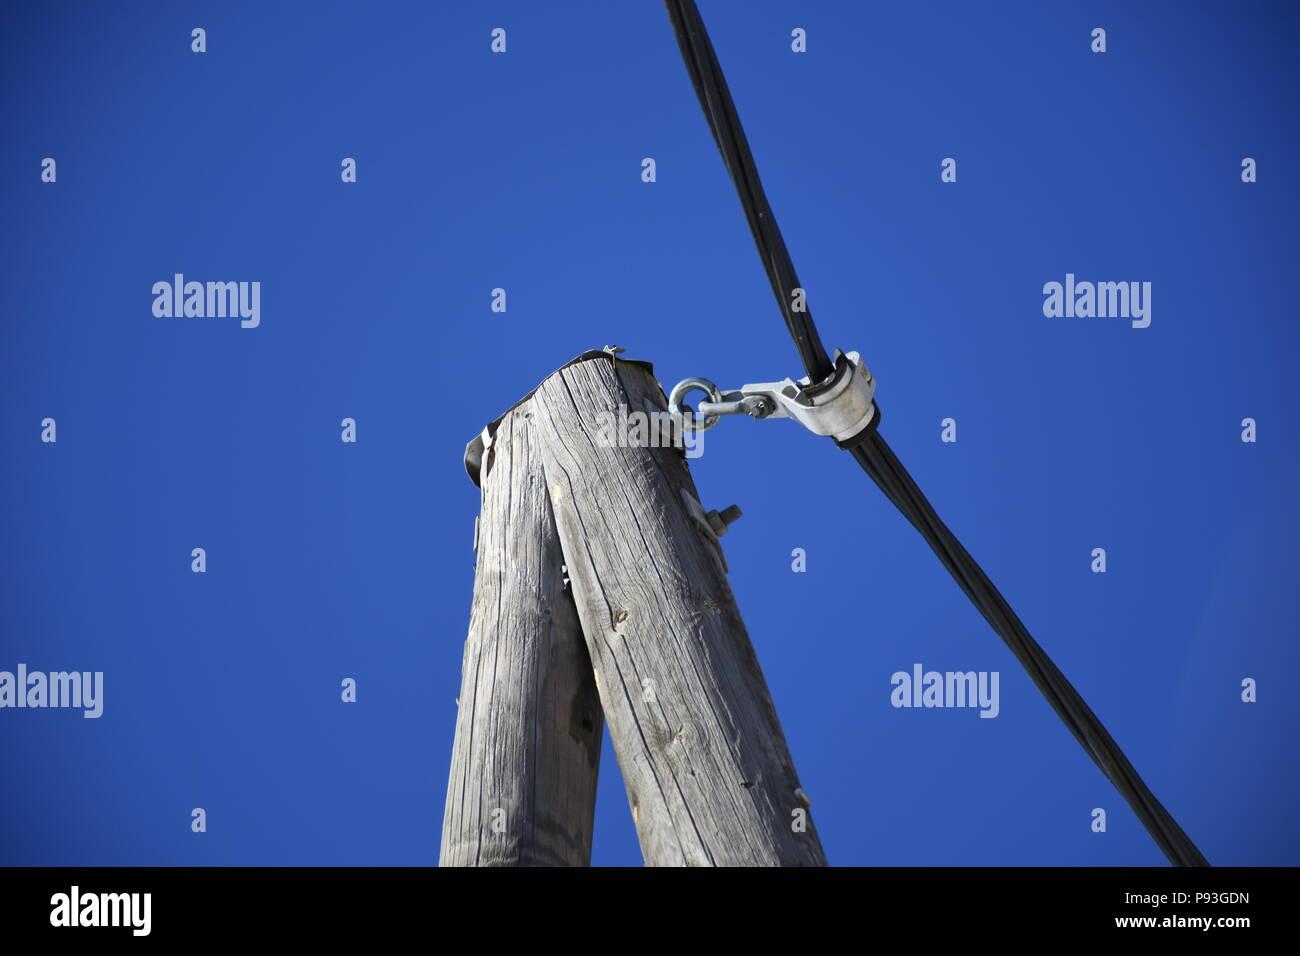 Leitung, Stromleitung, Mast, A-Mast, Holzmast, Holz, A, Isolator, isoliert, Kabel, Strom, Stromleitung, Telefon, Telefonleitung, Gailtal, Tal, Kärnten Stock Photo